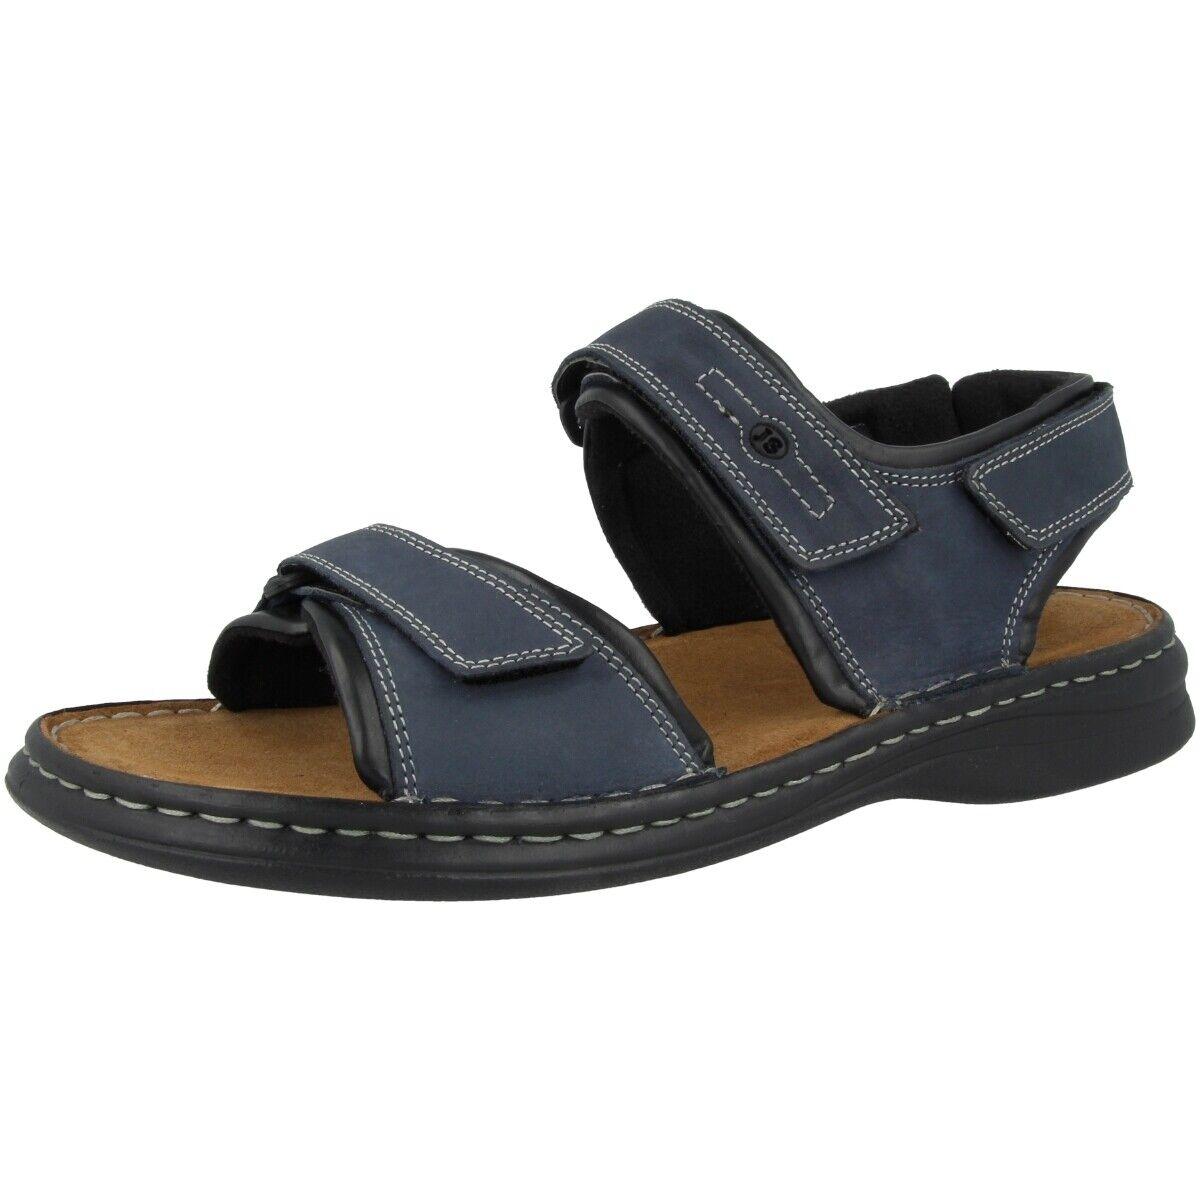 Josef Seibel Rafe Chaussures Homme Sandales Confort Cuir Sandales 10104-11-582